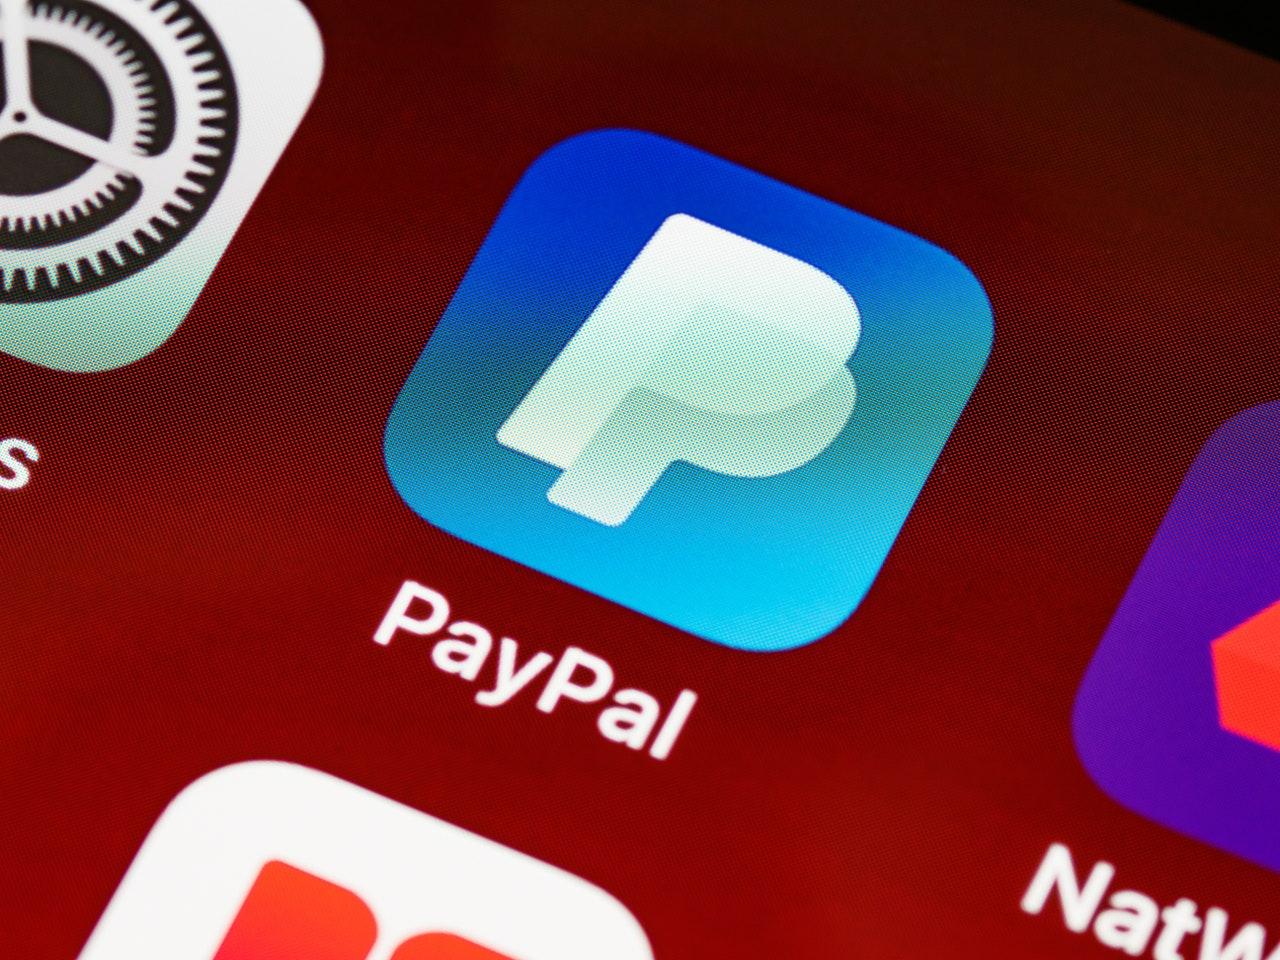 PayPal permitirá próximamente a sus usuarios realizar transferencias de Bitcoin y otras criptomonedas a billeteras externas